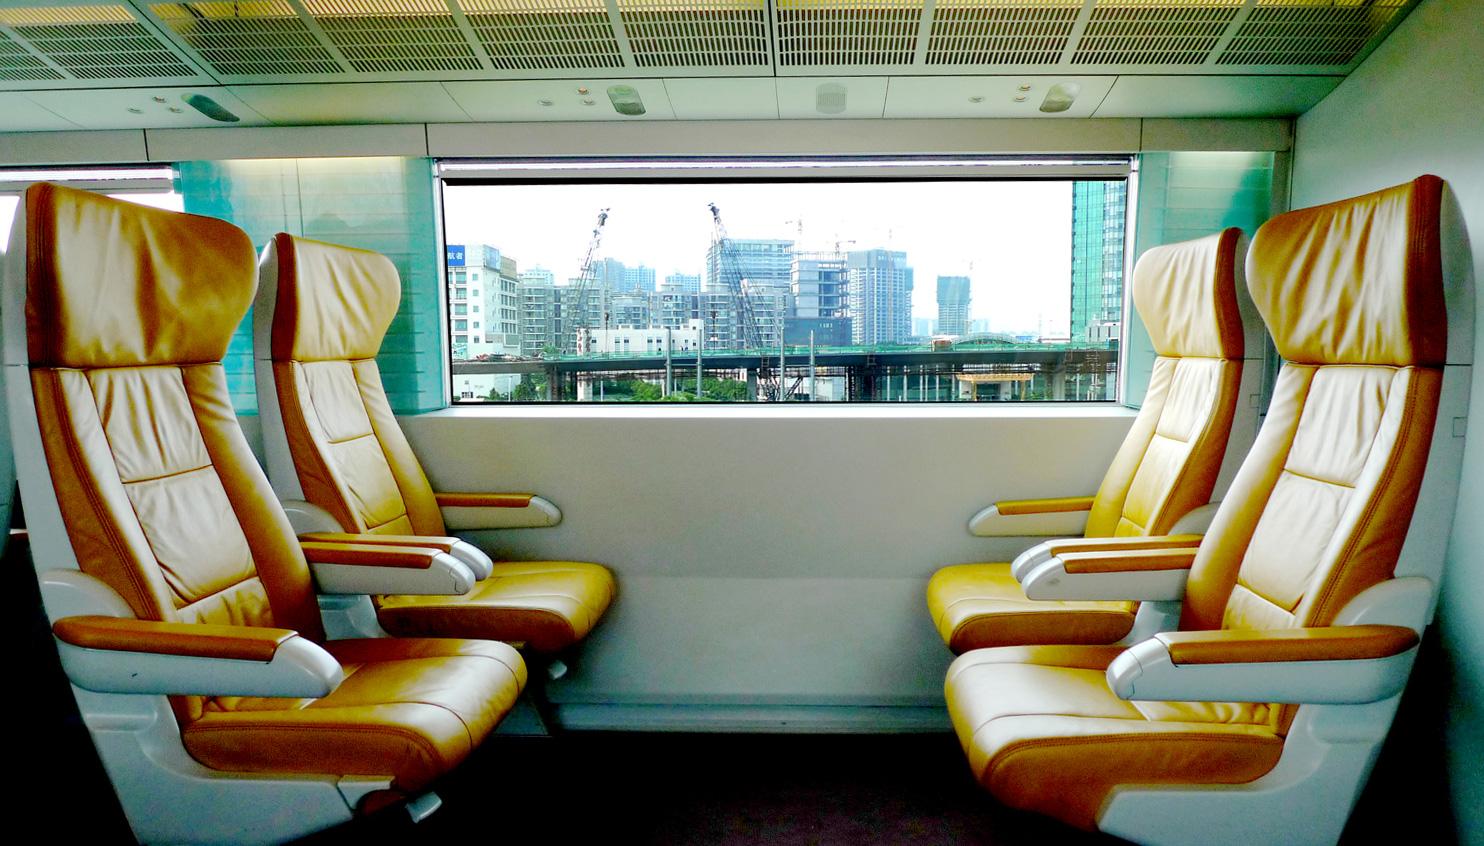 Shanghai_Maglev_VIP_seat.jpg